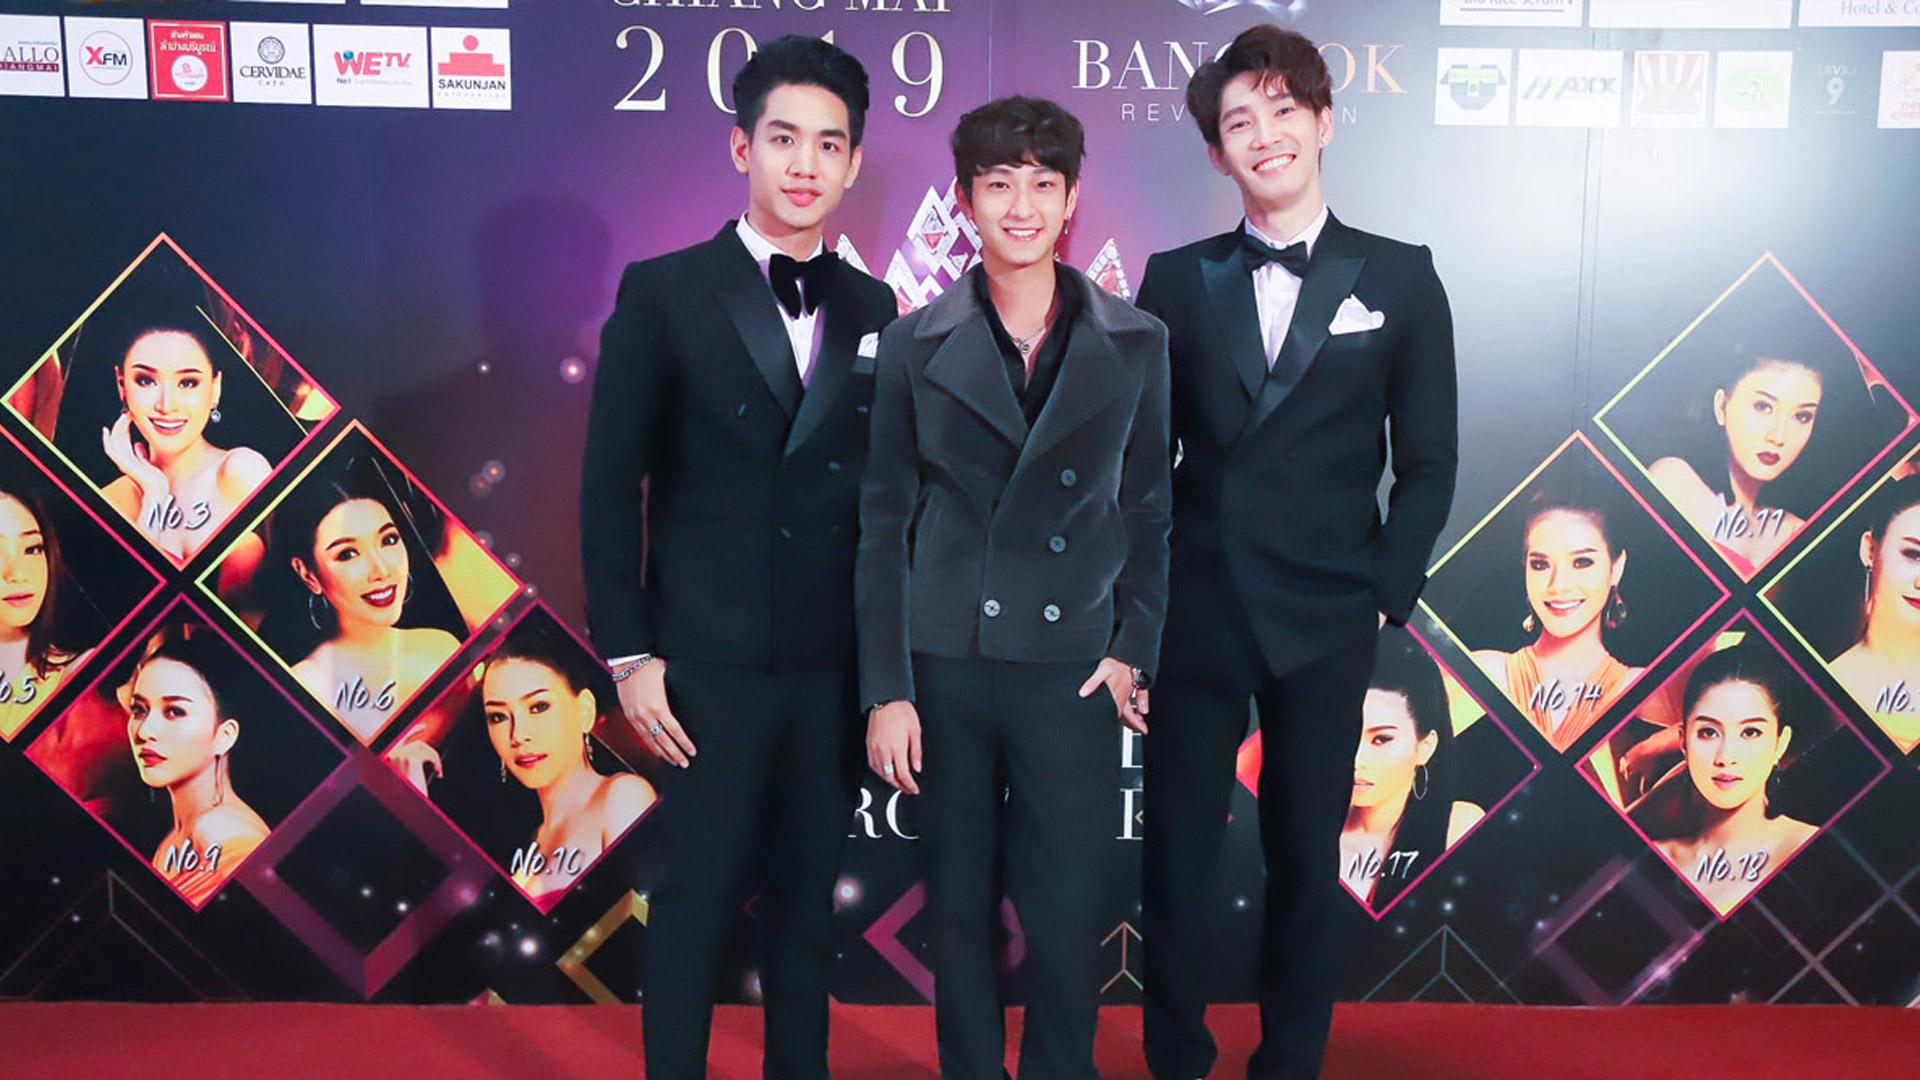 กาย – ชิม่อน – น้ำมนต์ 3 หนุ่มจากค่าย GMMTV ร่วมงาน The Iconic Miss Grand Chiangmai 2019